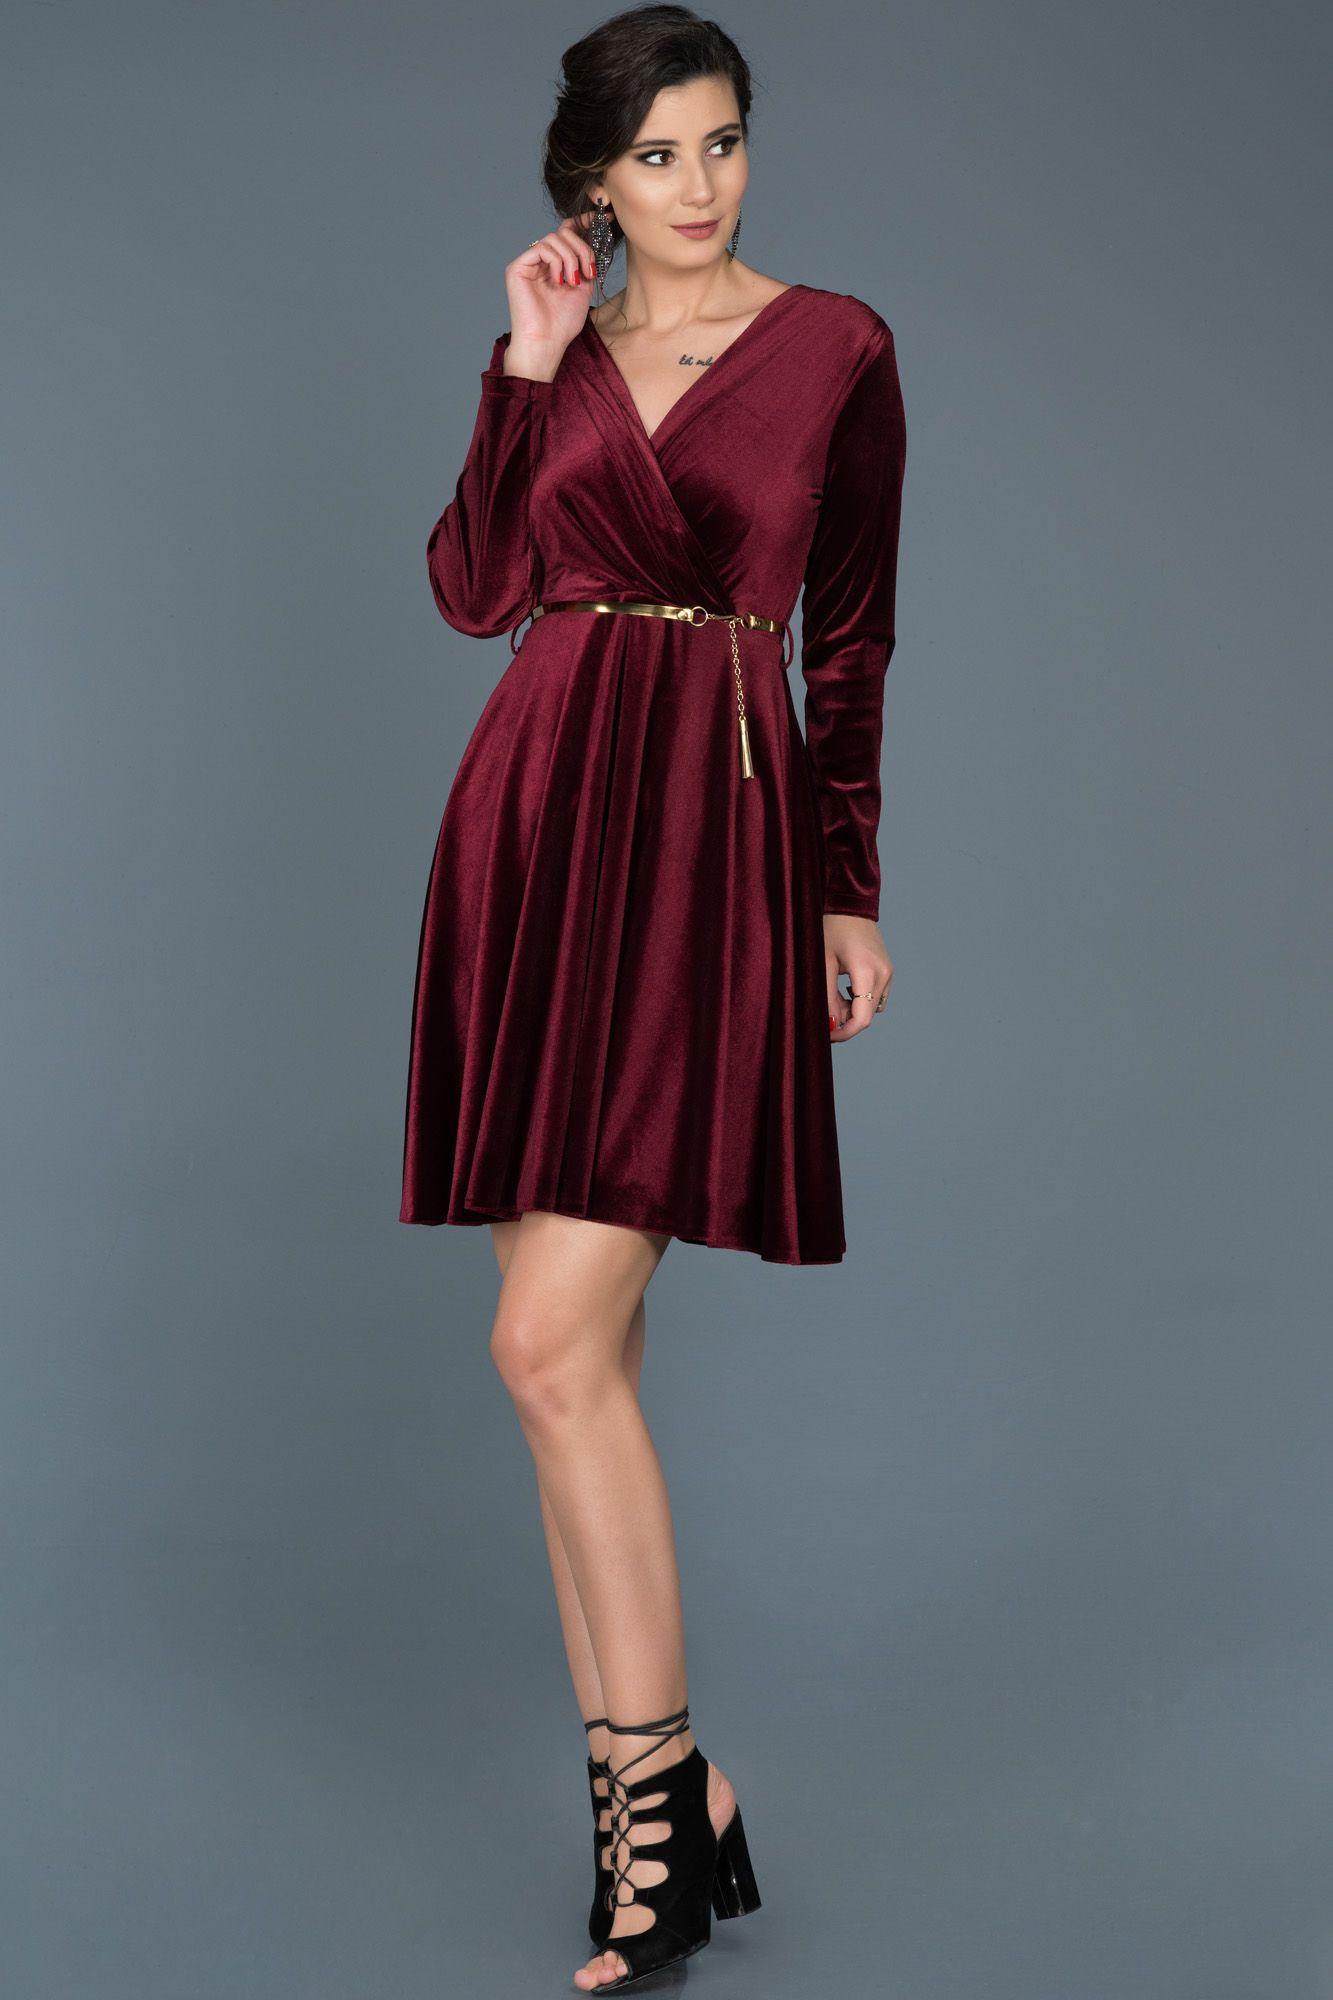 Neva Style Capraz Model Bordo Tesettur Kadife Elbise 50521br Tesetturisland Com Elbise Moda Stilleri The Dress